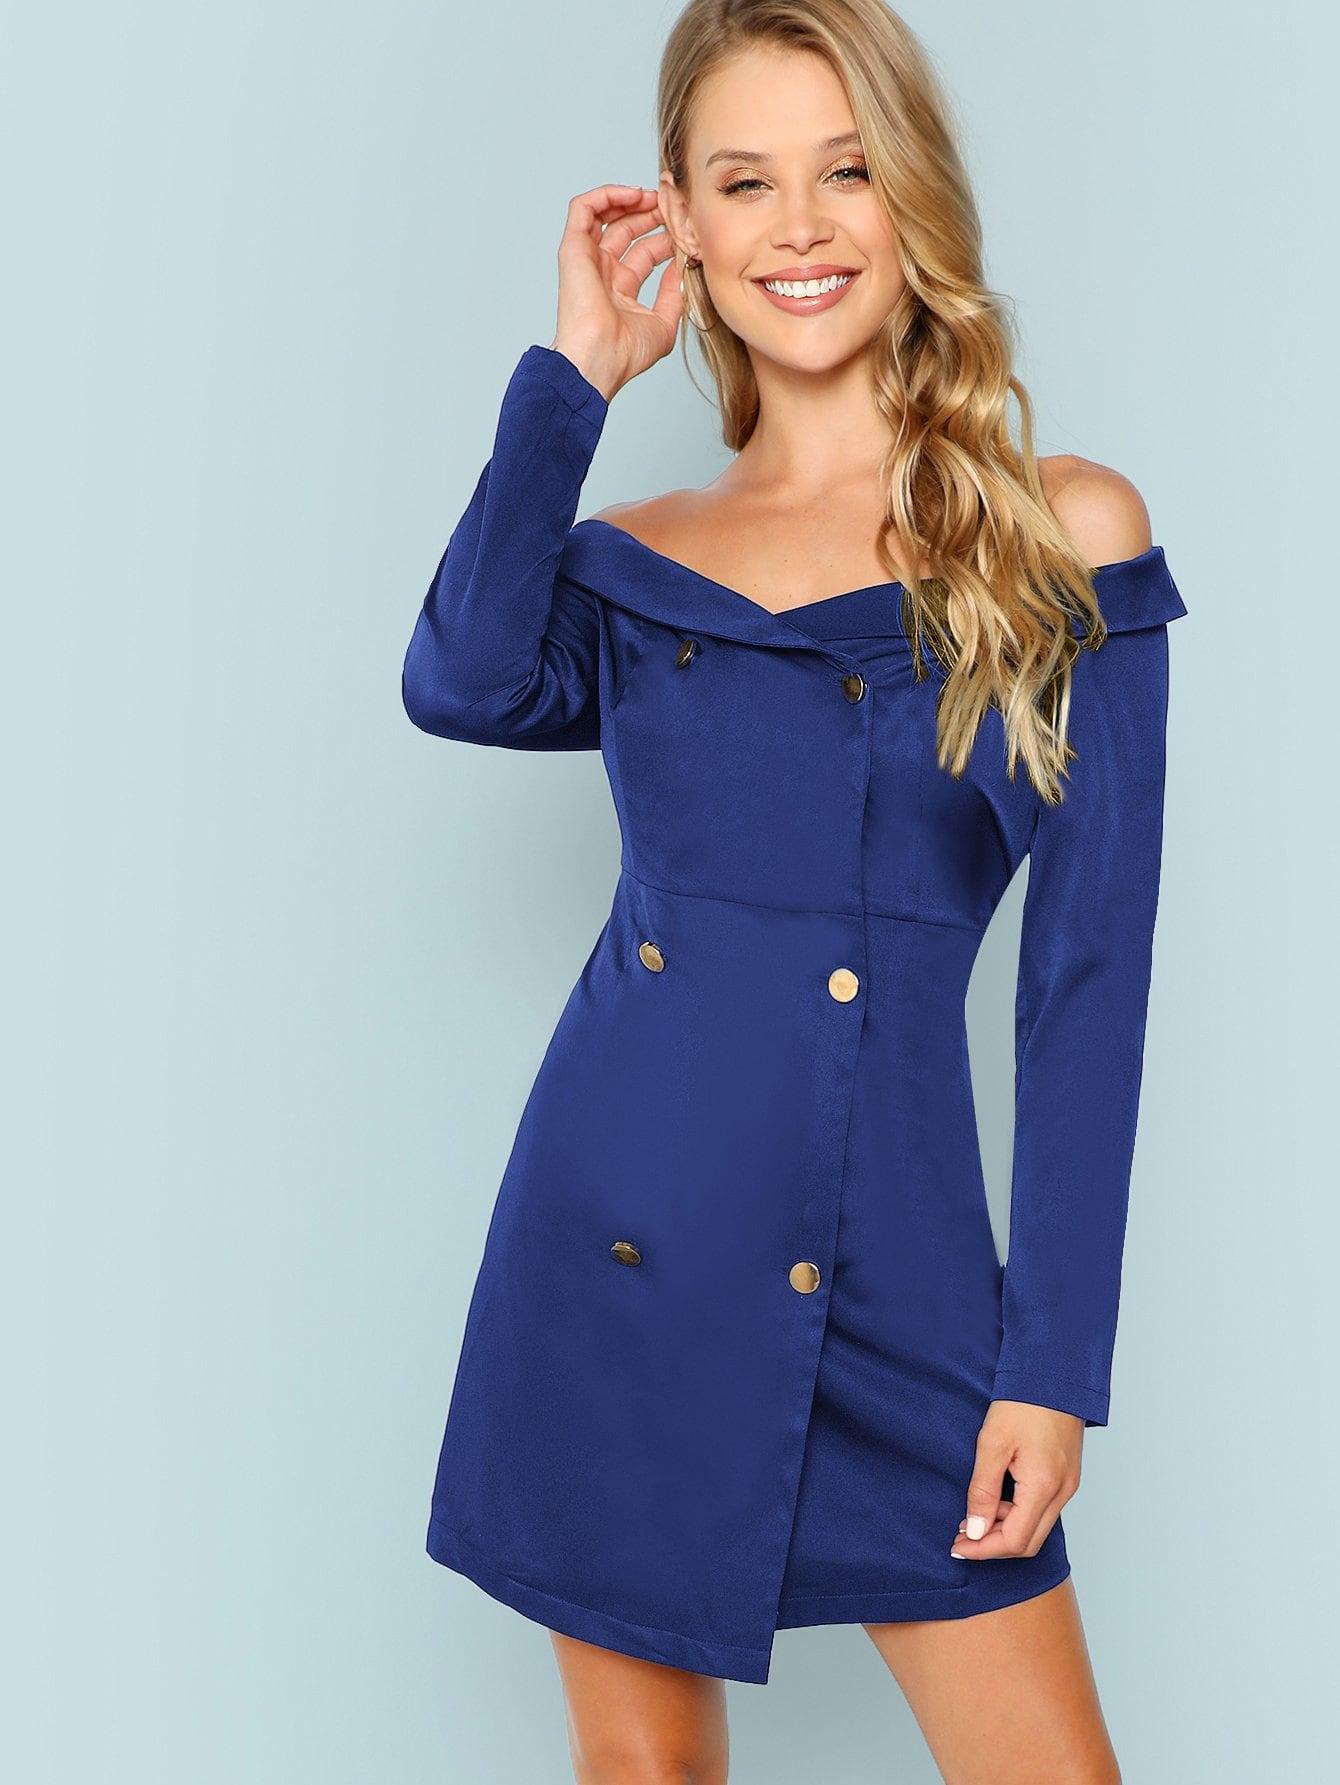 Купить Двубортное платье с открытыми плечами, Allie Leggett, SheIn